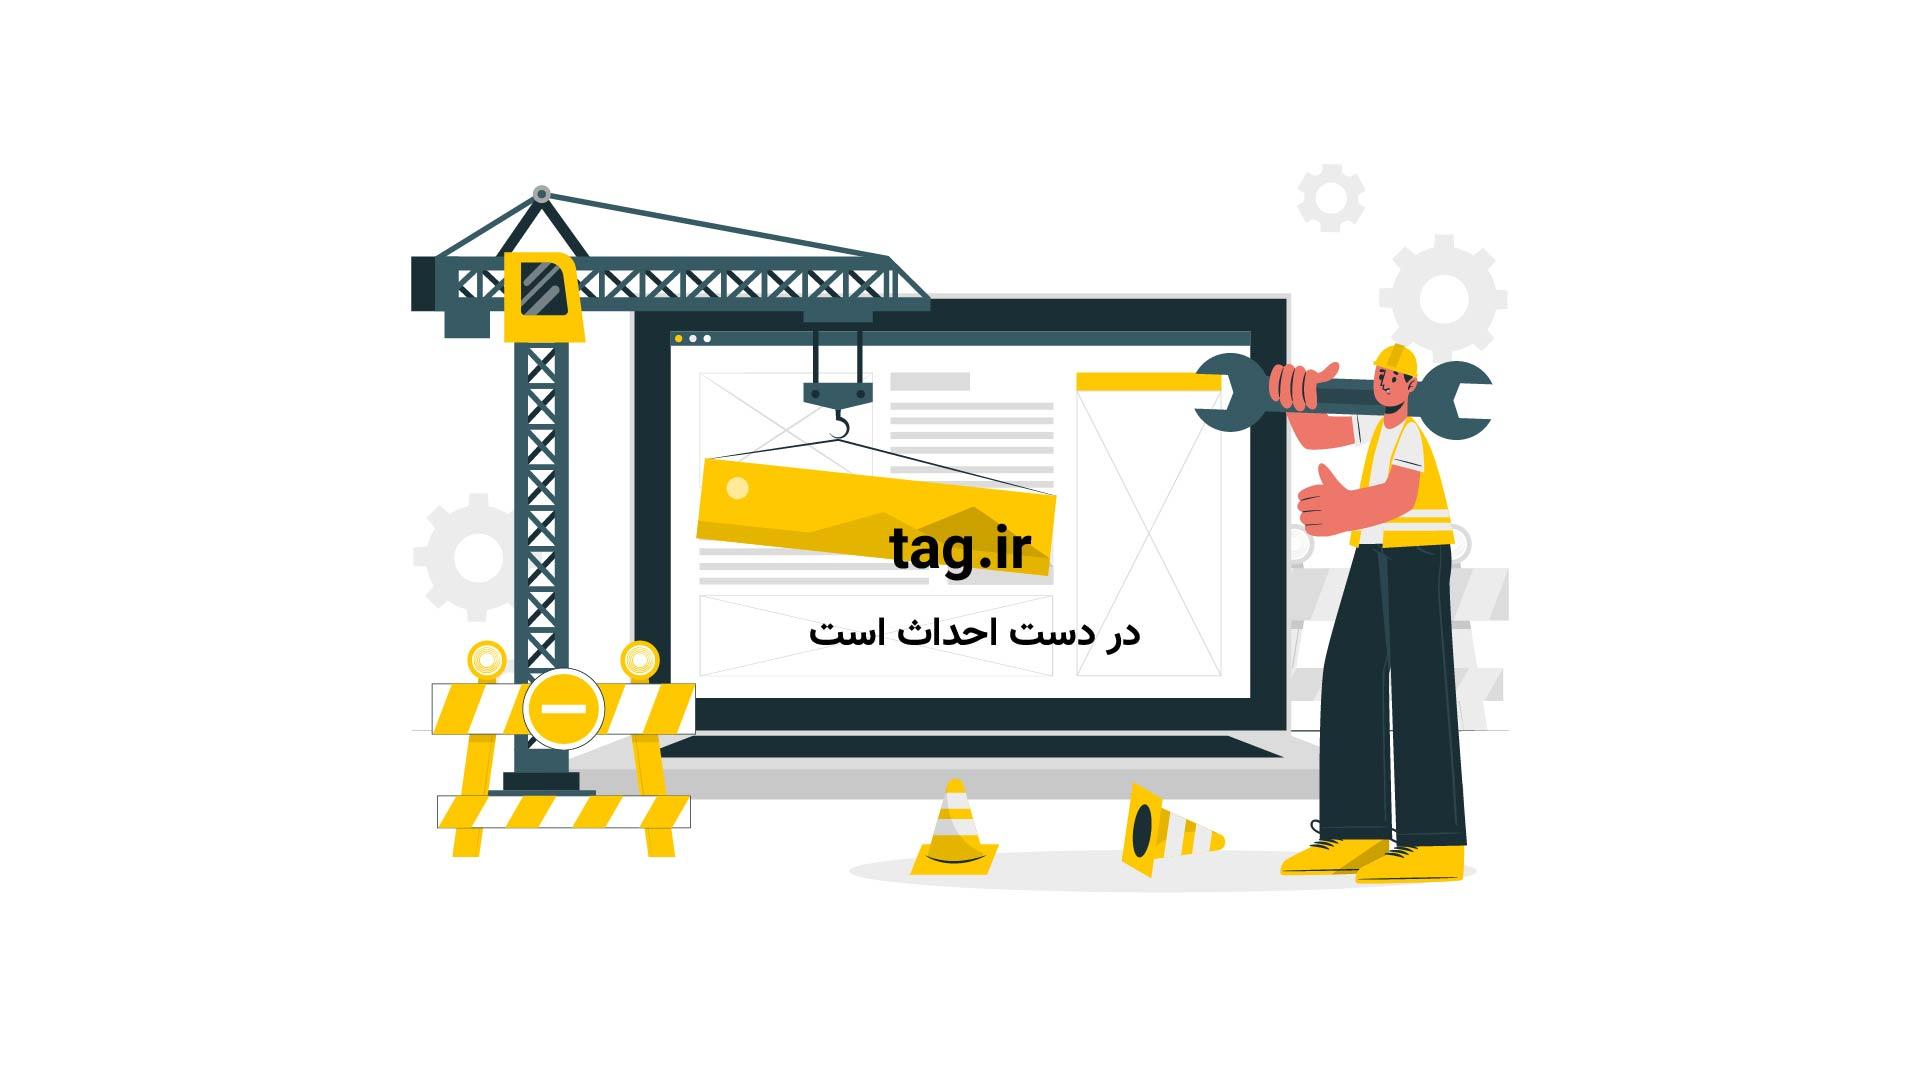 آموزش کشیدن خرگوش | تگ